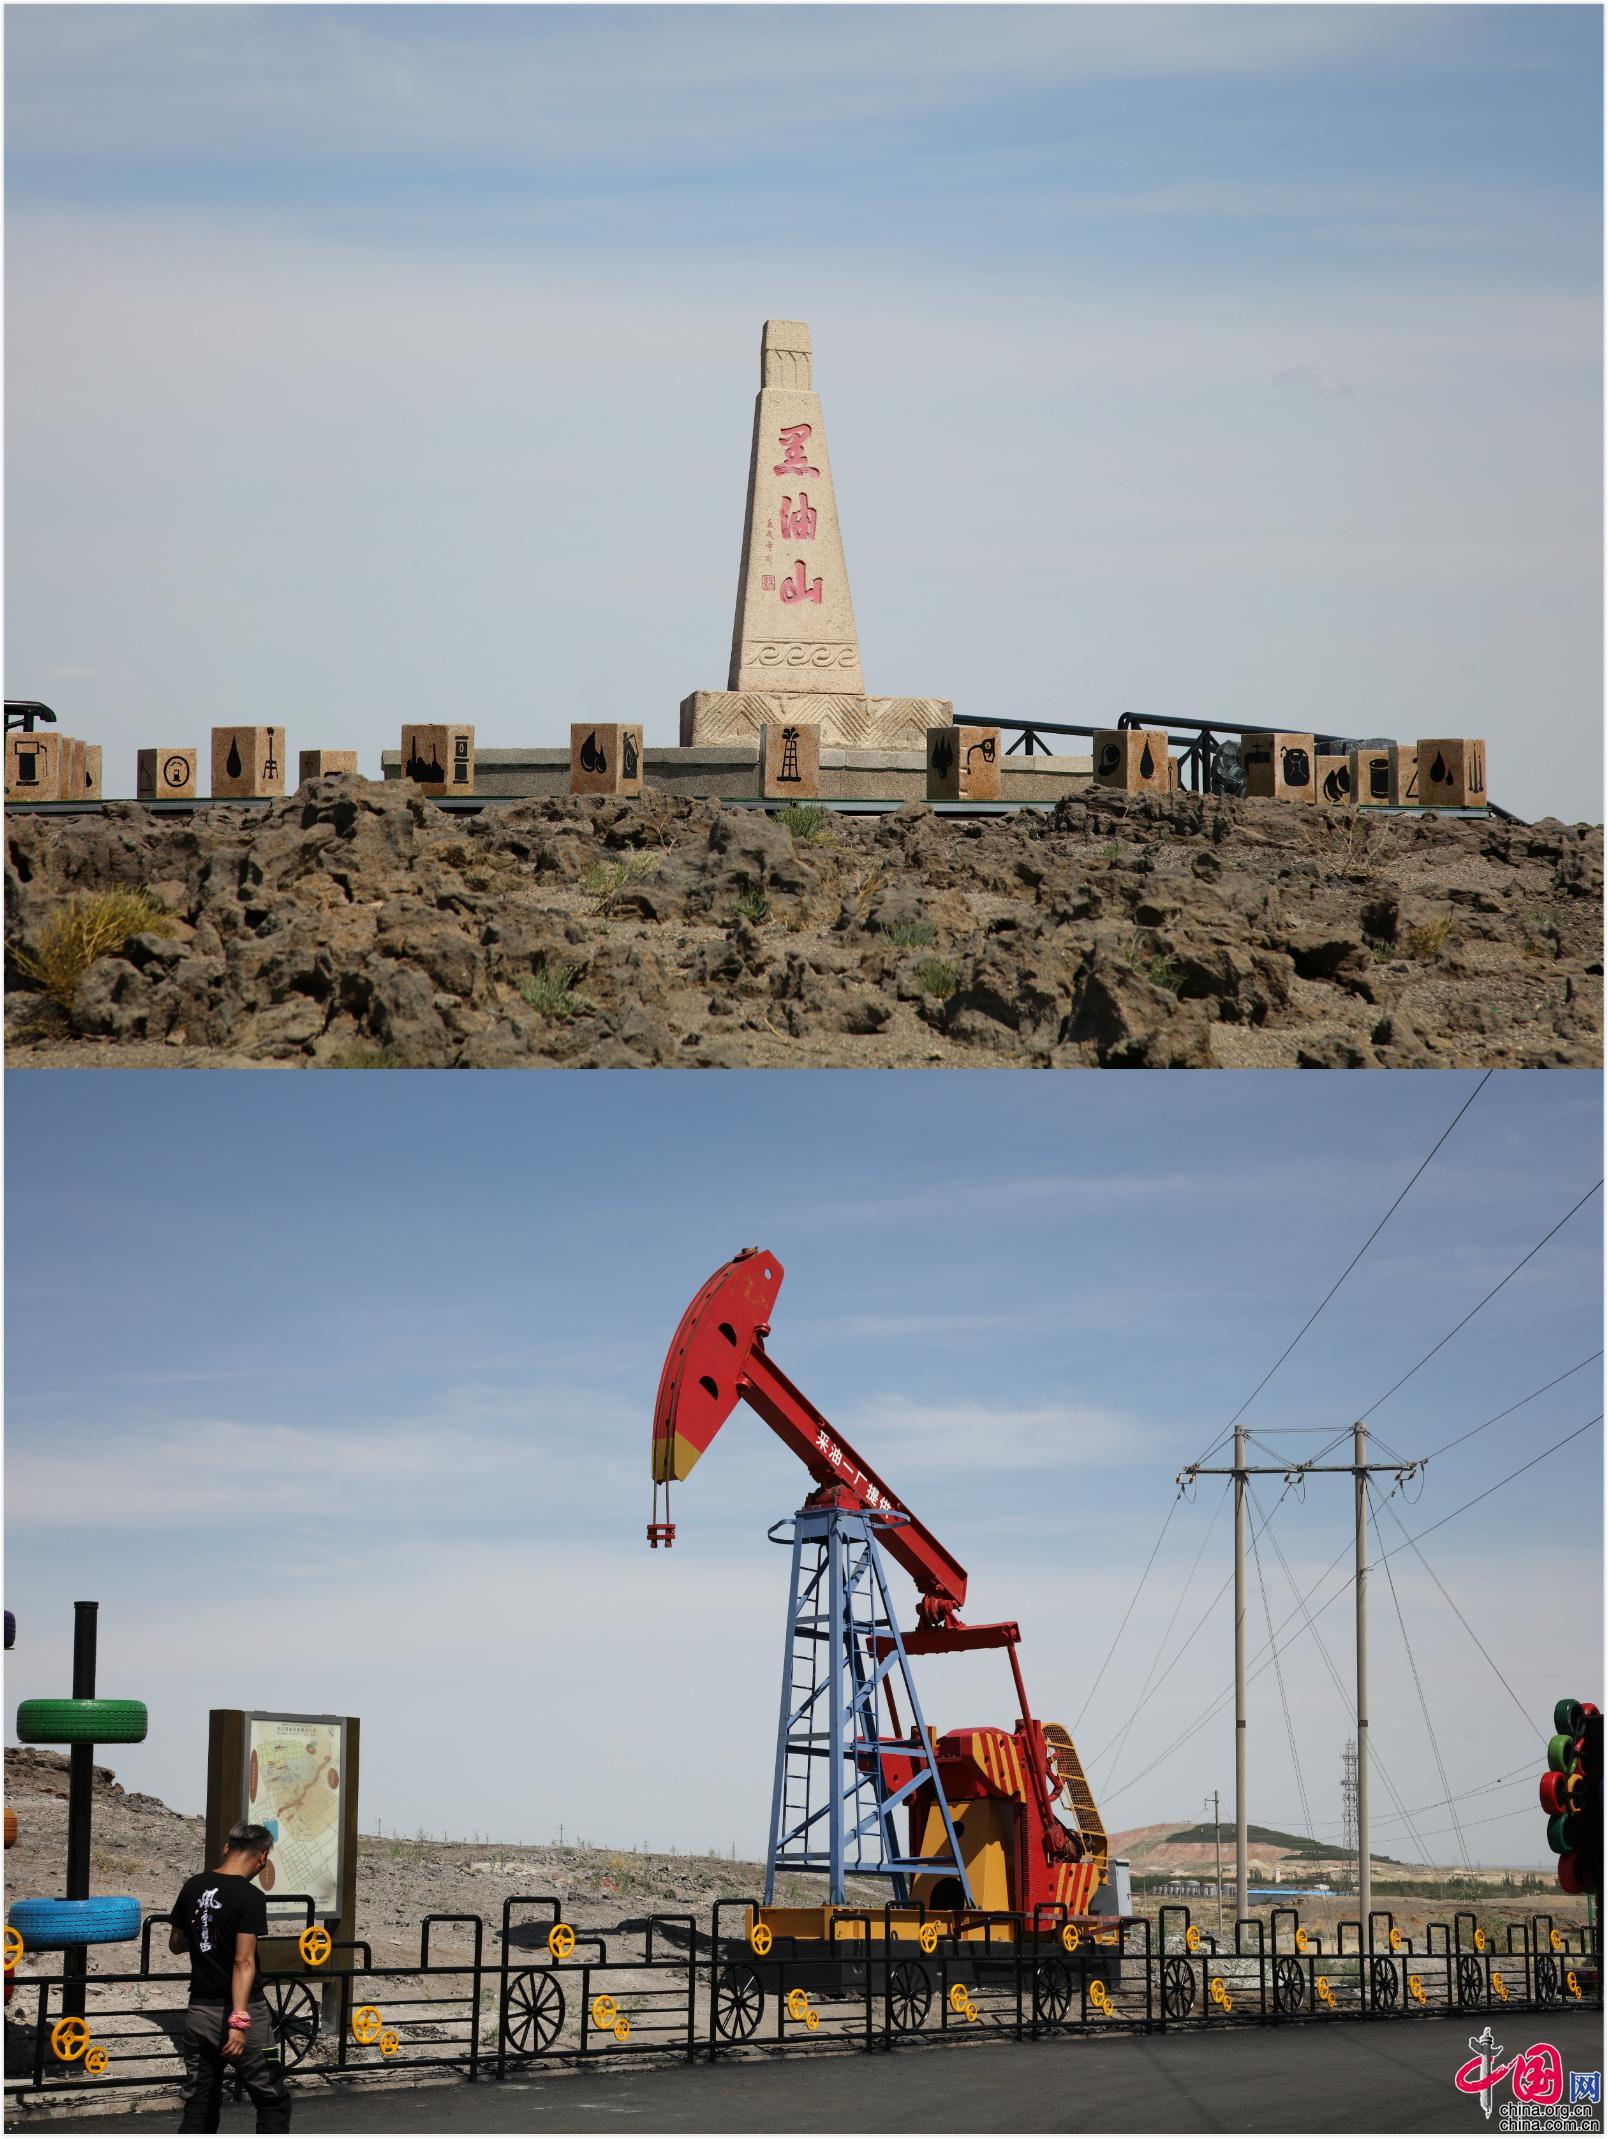 """6月21日-29日,由新疆维吾尔自治区党委网信办主办的""""新疆是个好地方·达人西游第6季——踏遍胜景""""网络主题传播活动在新疆开展。中国网记者胡俊摄"""